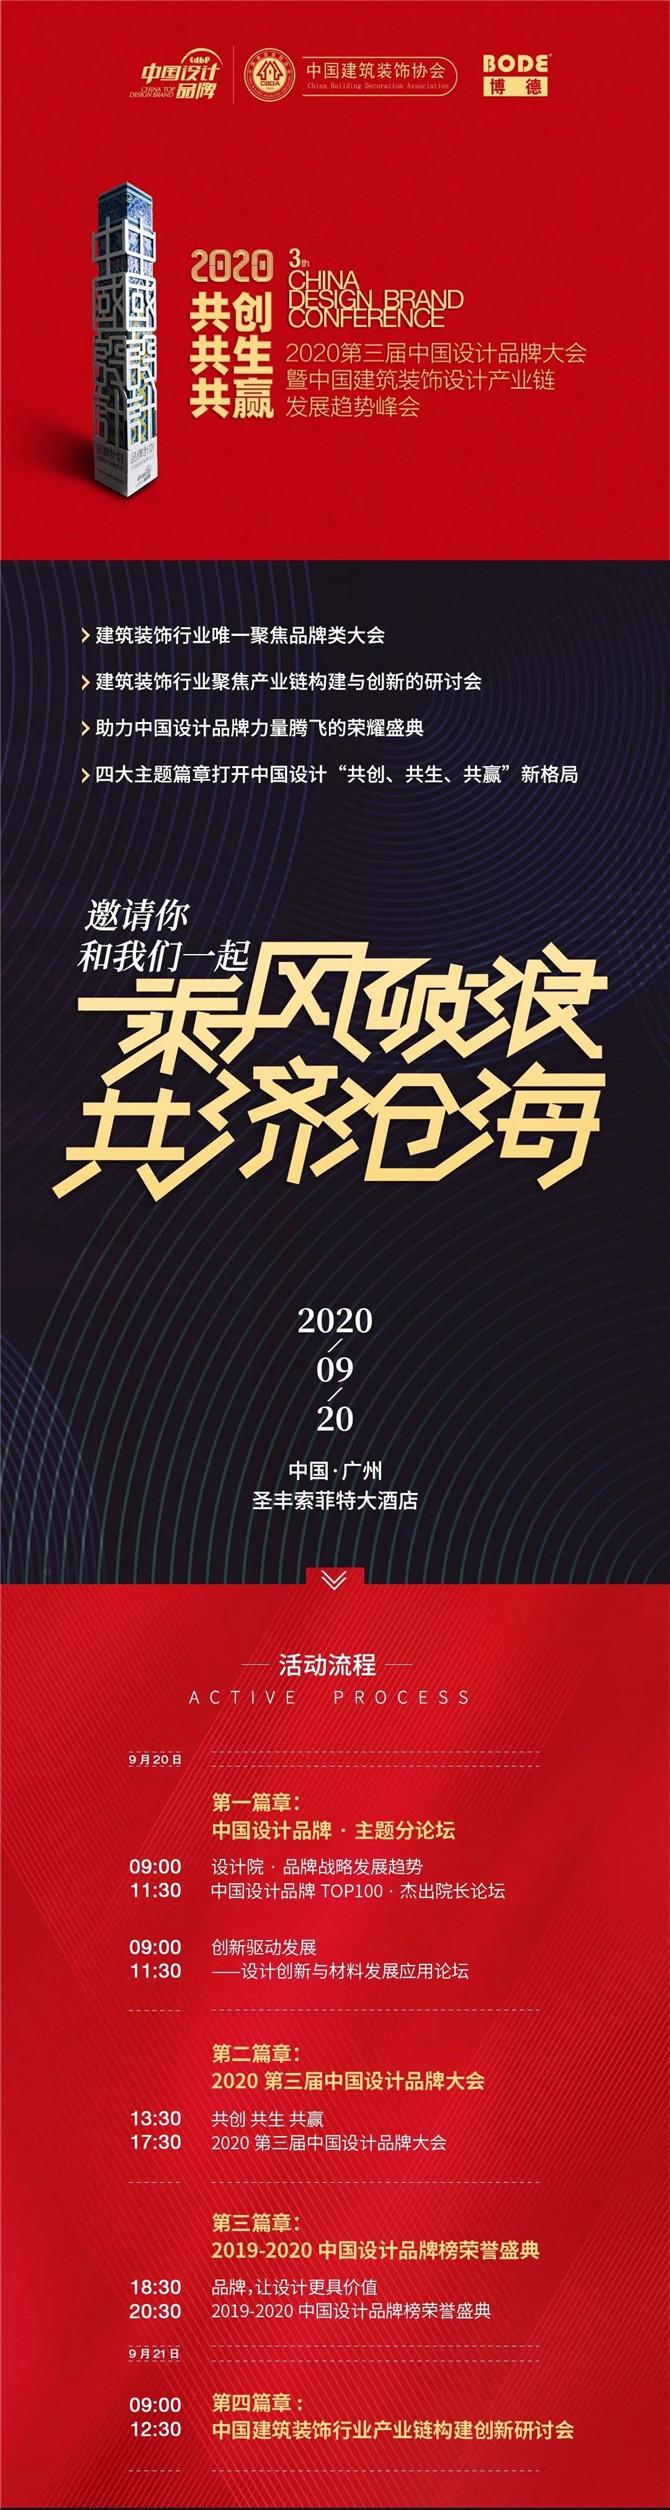 2020第三届中国设计品牌大会暨中国建筑装饰设计产业链发展趋势峰会邀请函.jpg